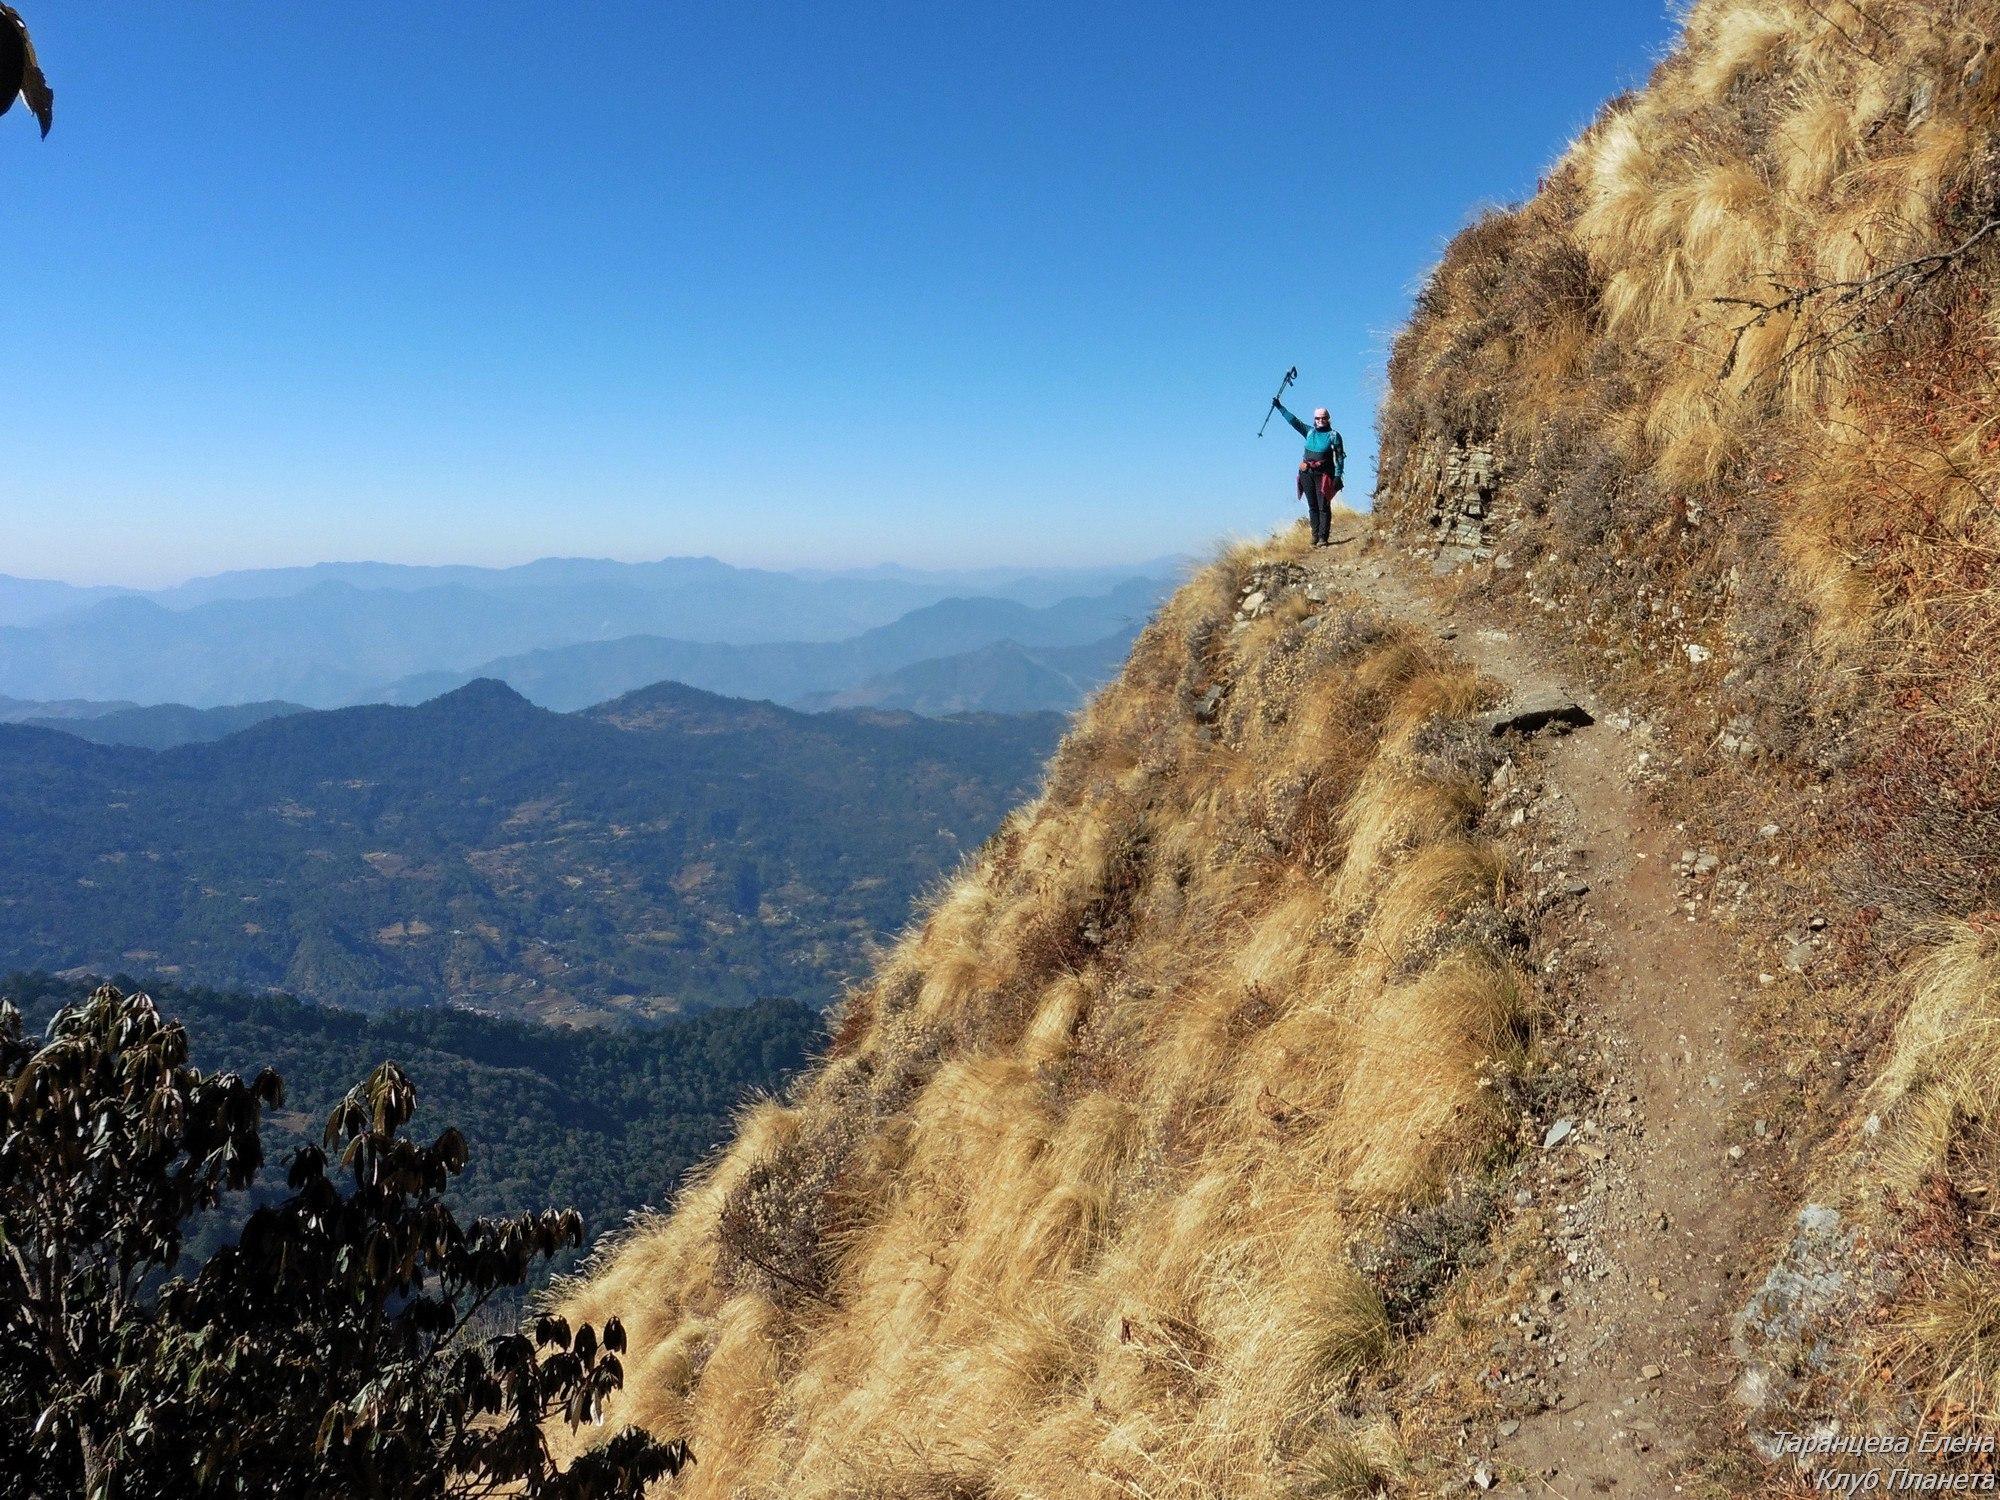 Путевые записки из Непала! Новогодними тропами Аннапурны!